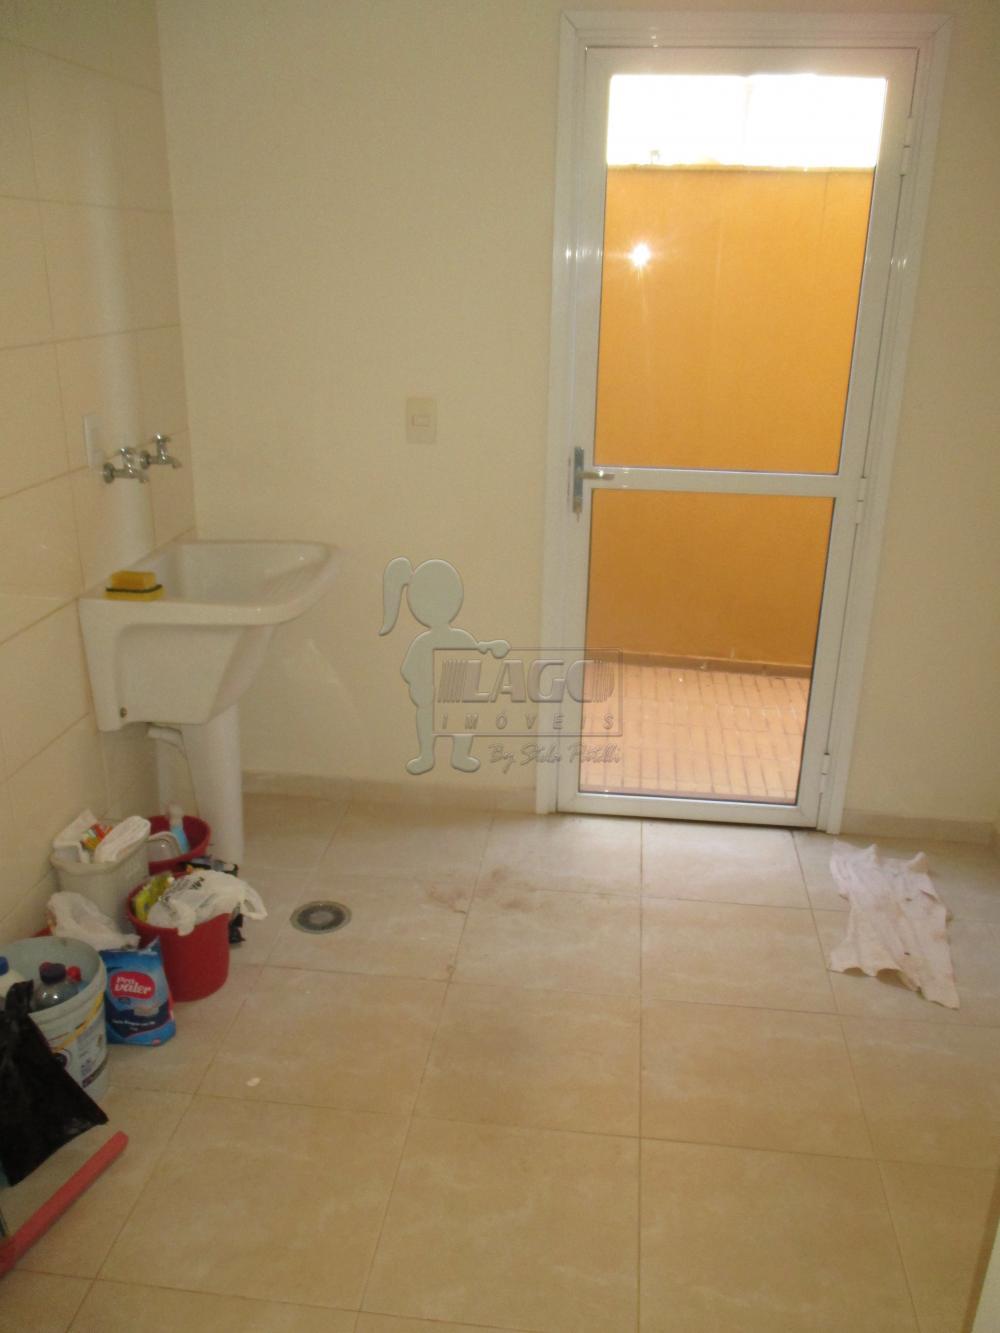 Alugar Casas / Condomínio em Bonfim Paulista apenas R$ 4.500,00 - Foto 9